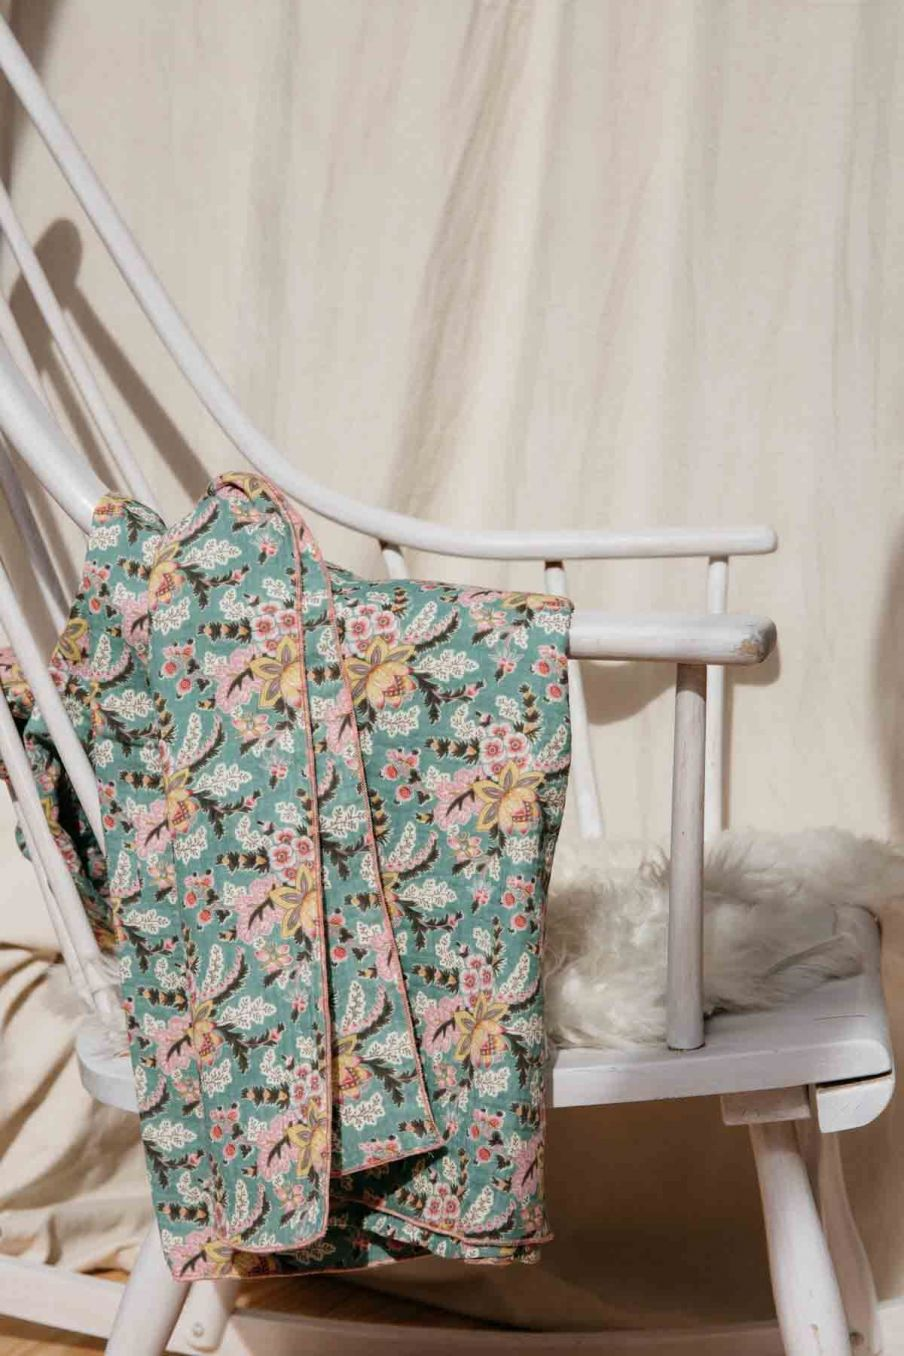 couverture bébé bebe fille nagel blue french flowers - louise misha